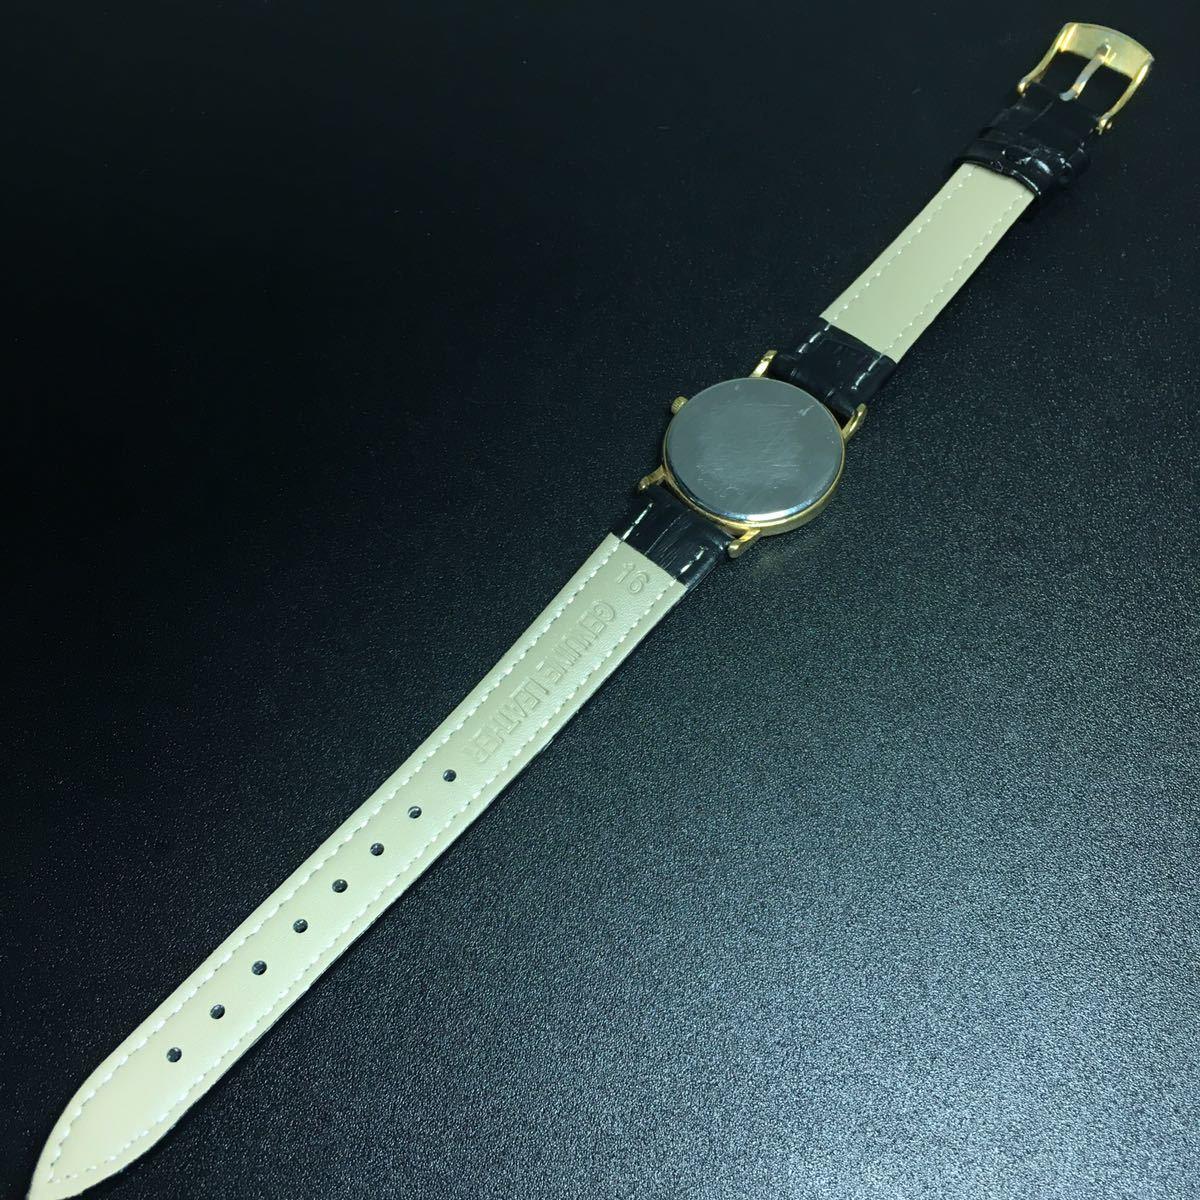 【美品 正規品】ティファニー 腕時計 ローマンインデックス ゴールド クラシック ラウンド レディース 【2005Ti36】_画像10